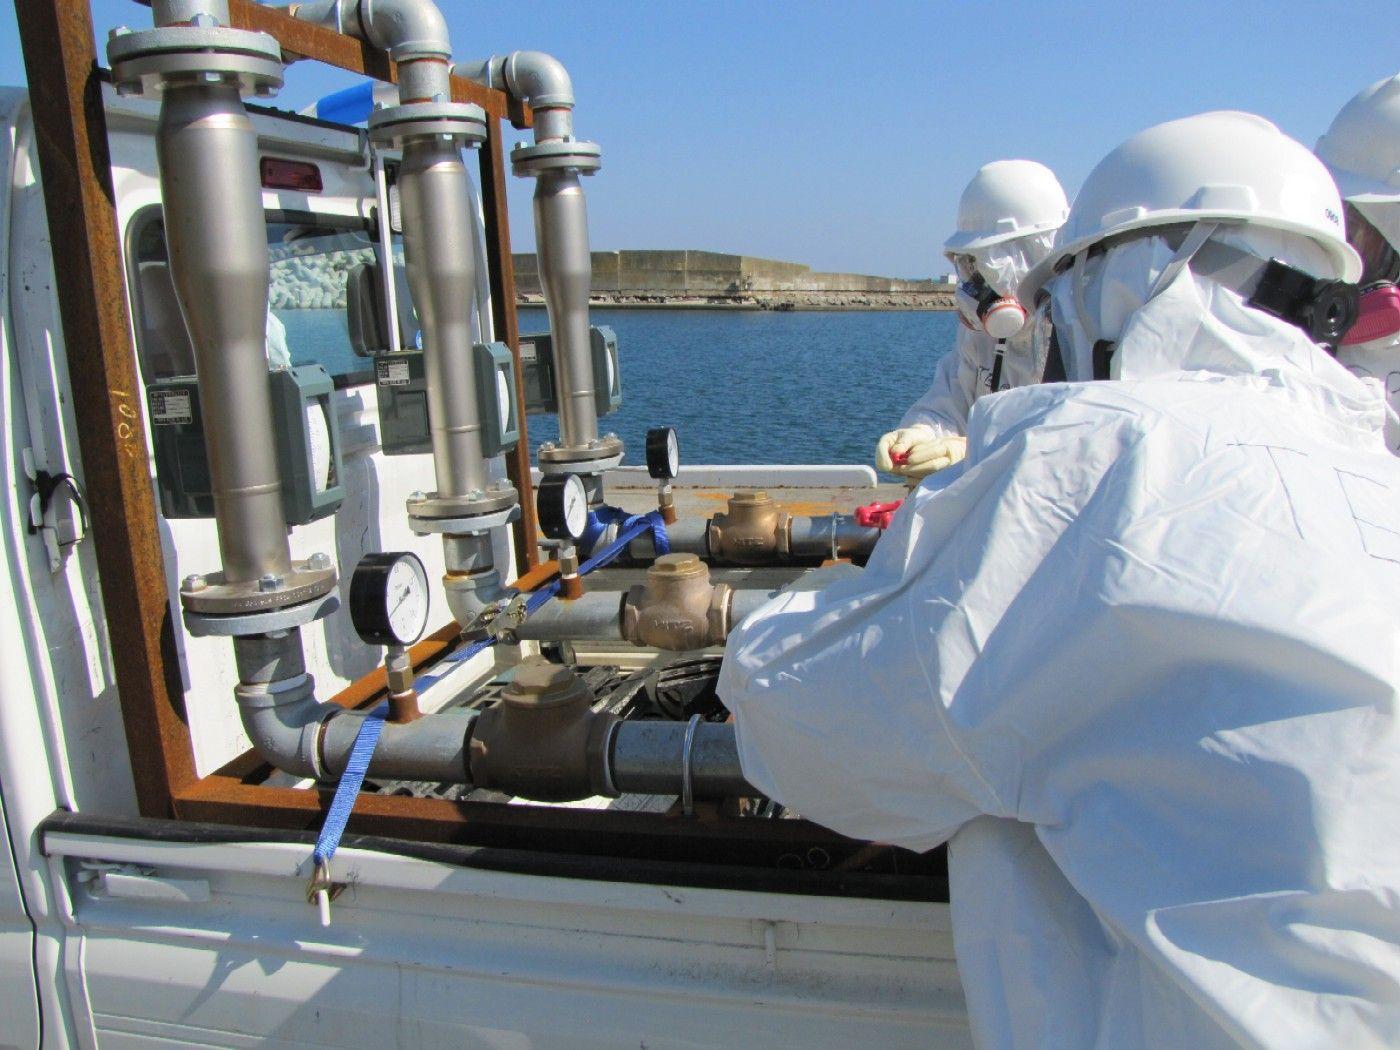 21. Tepco injects seawater mixed with boron into units 1 and 3. / Tepco inyecta agua de mar mezclada con boro en los recipientes de contención de los reactores 1 y 3.